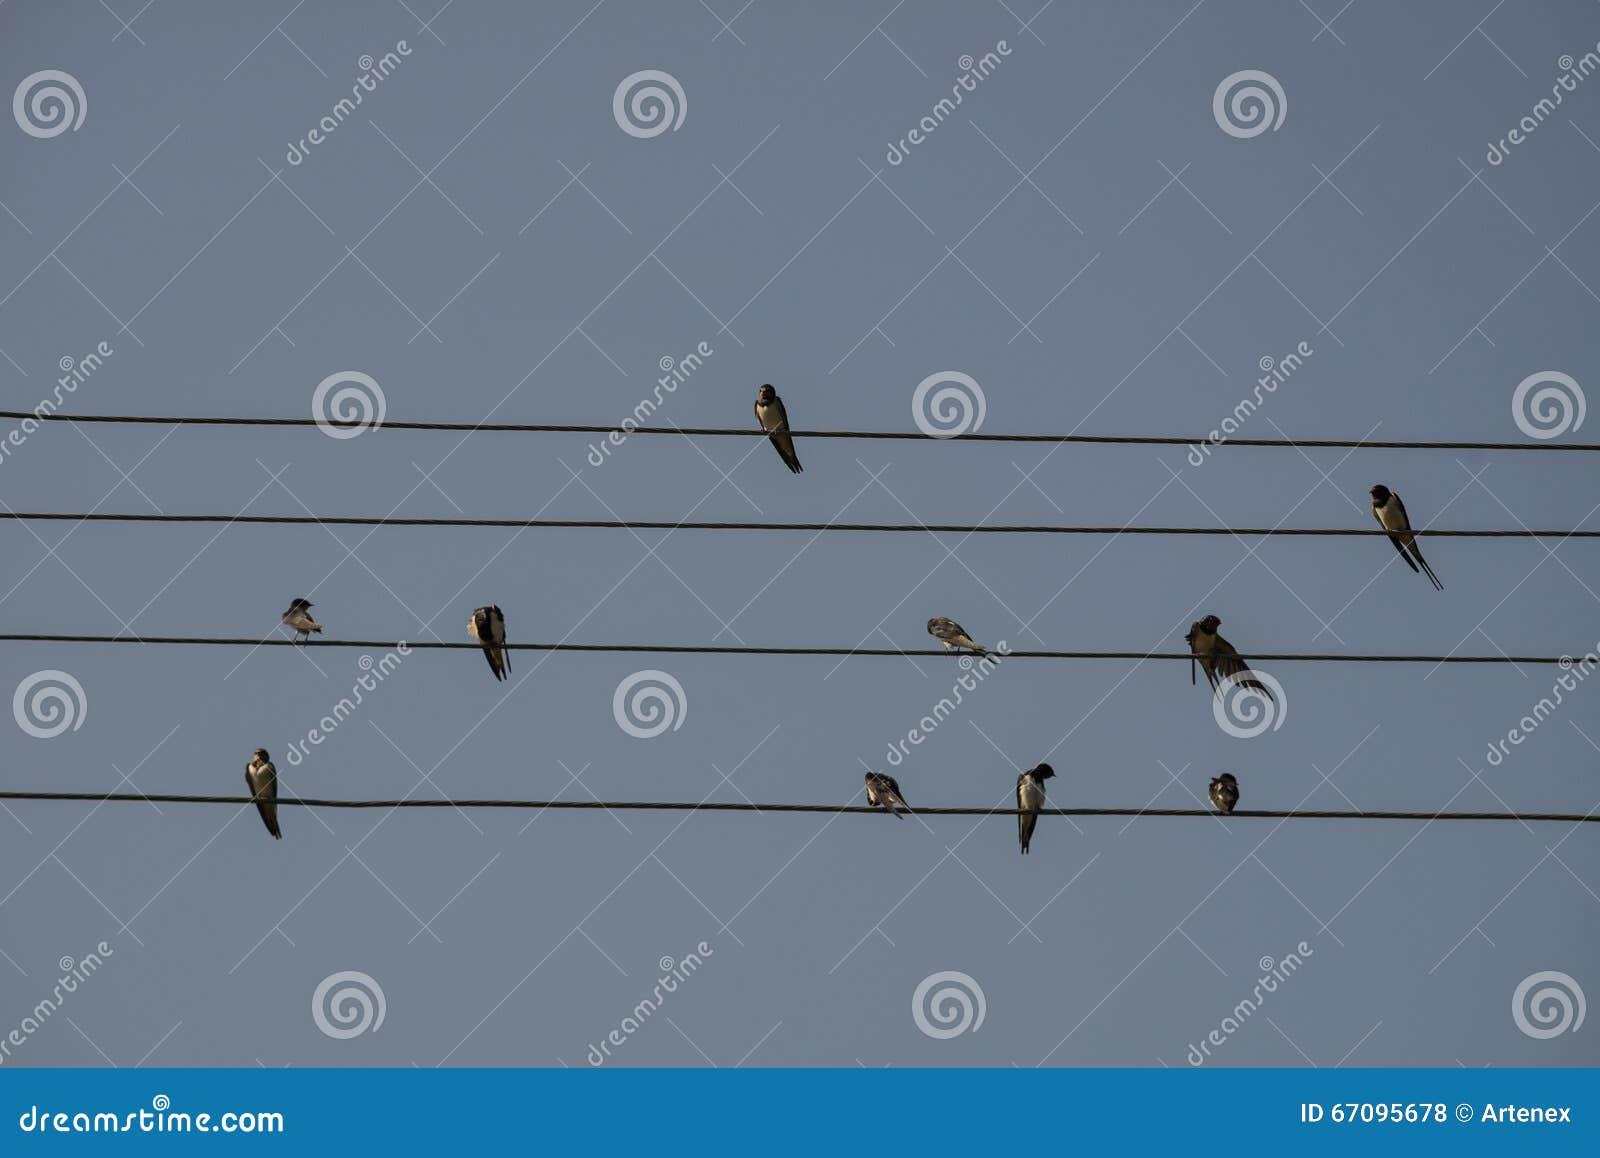 Ungewöhnlich Draht Hintergrund Fotos - Elektrische Schaltplan-Ideen ...